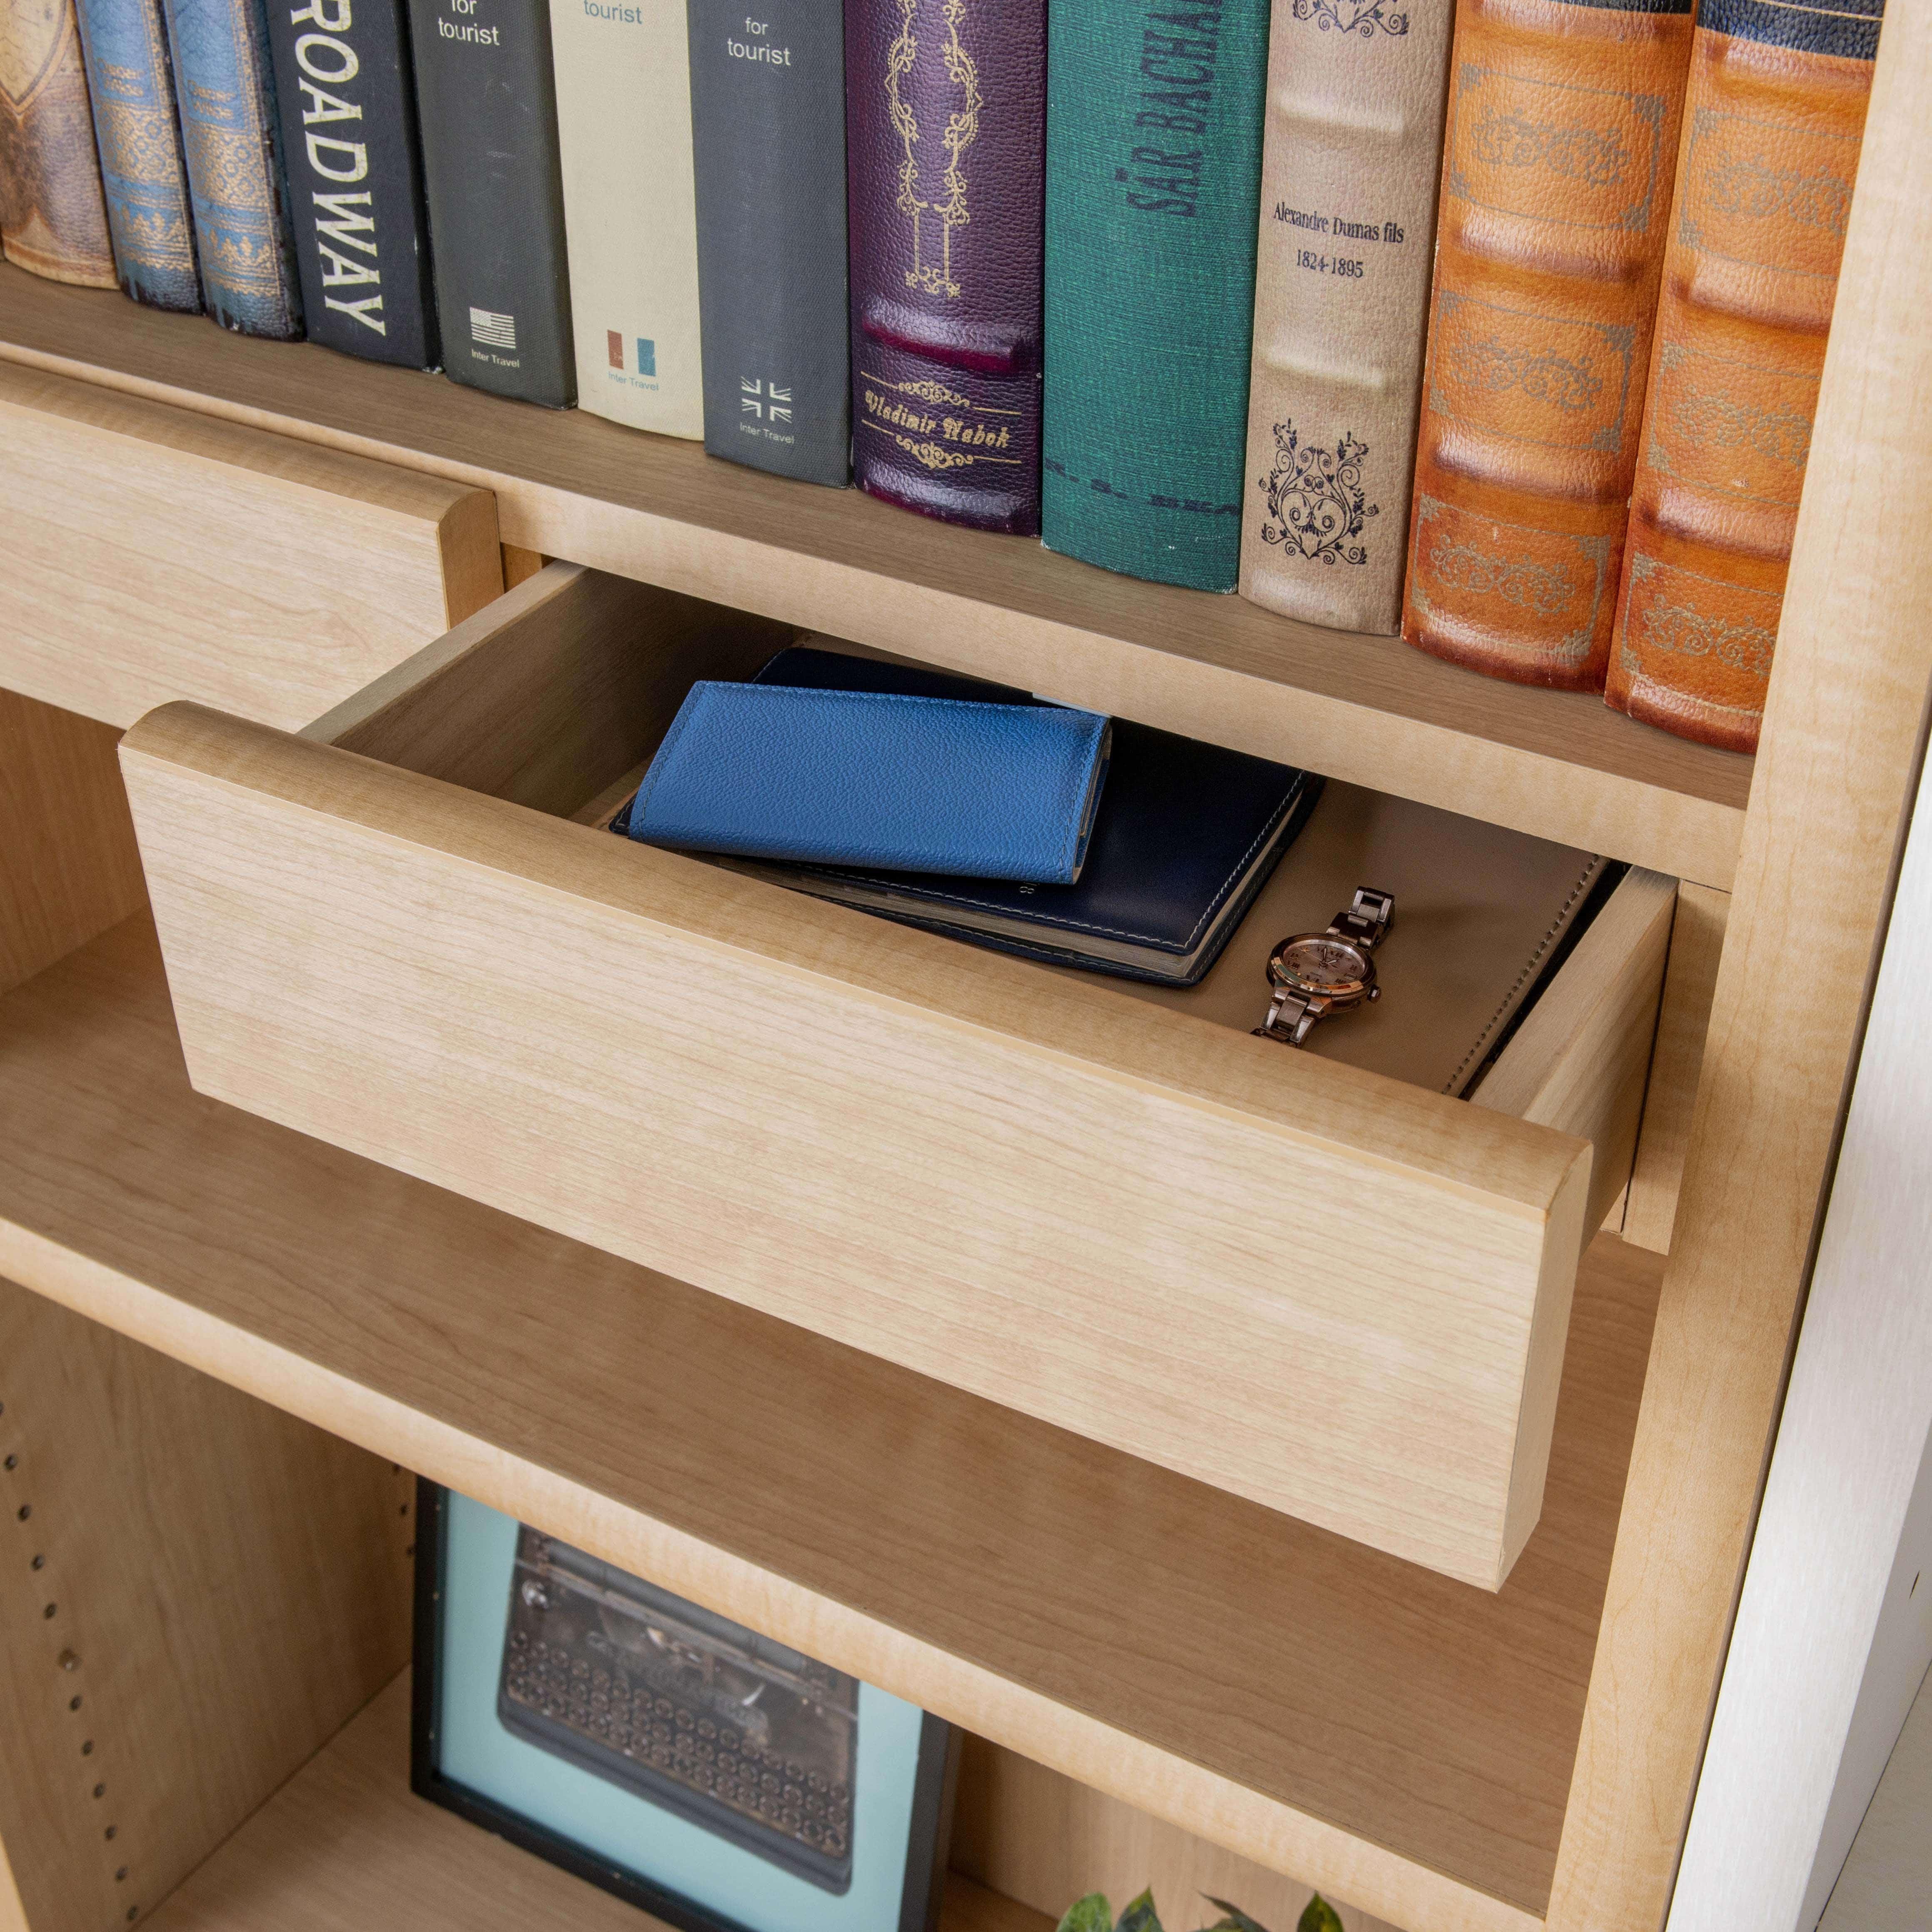 小島工芸 書棚 アコード85H(チェリーナチュラル):収納の幅を広げるオプション引き出し